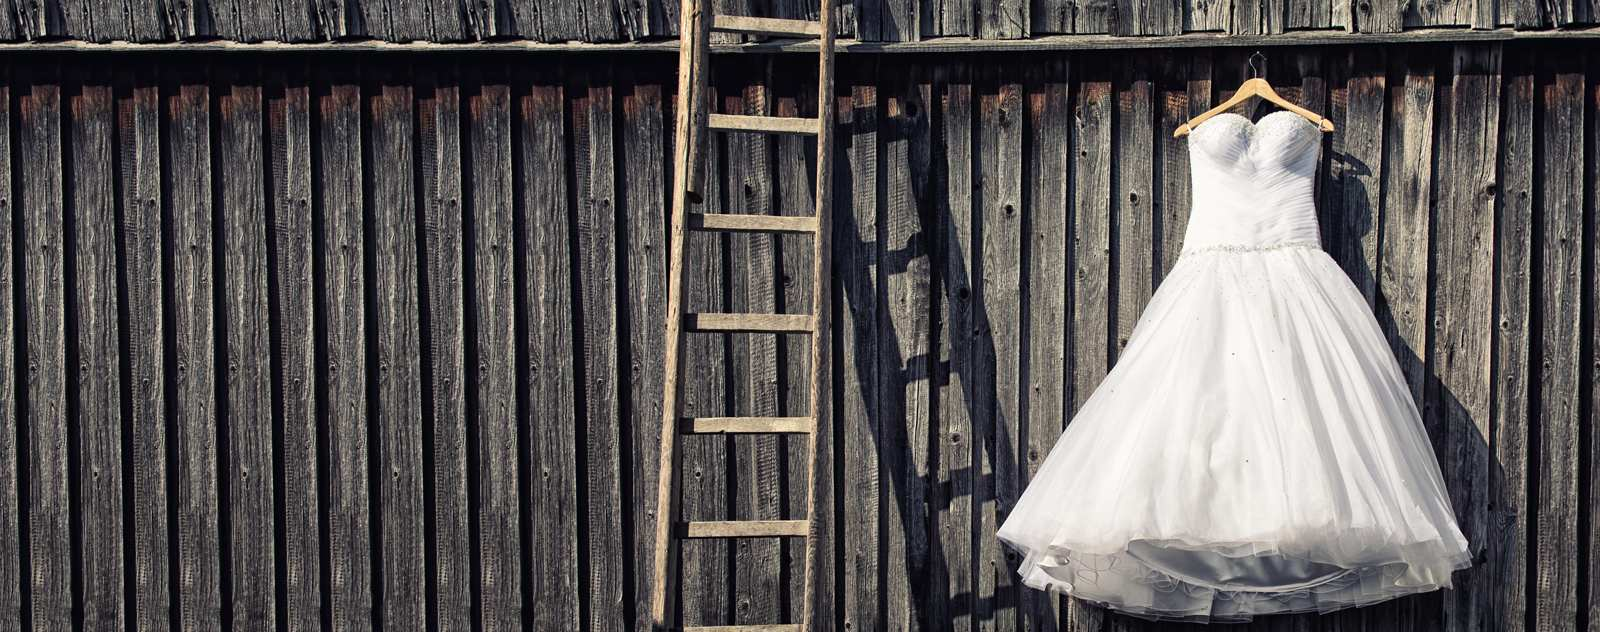 wedding-dress-hanging